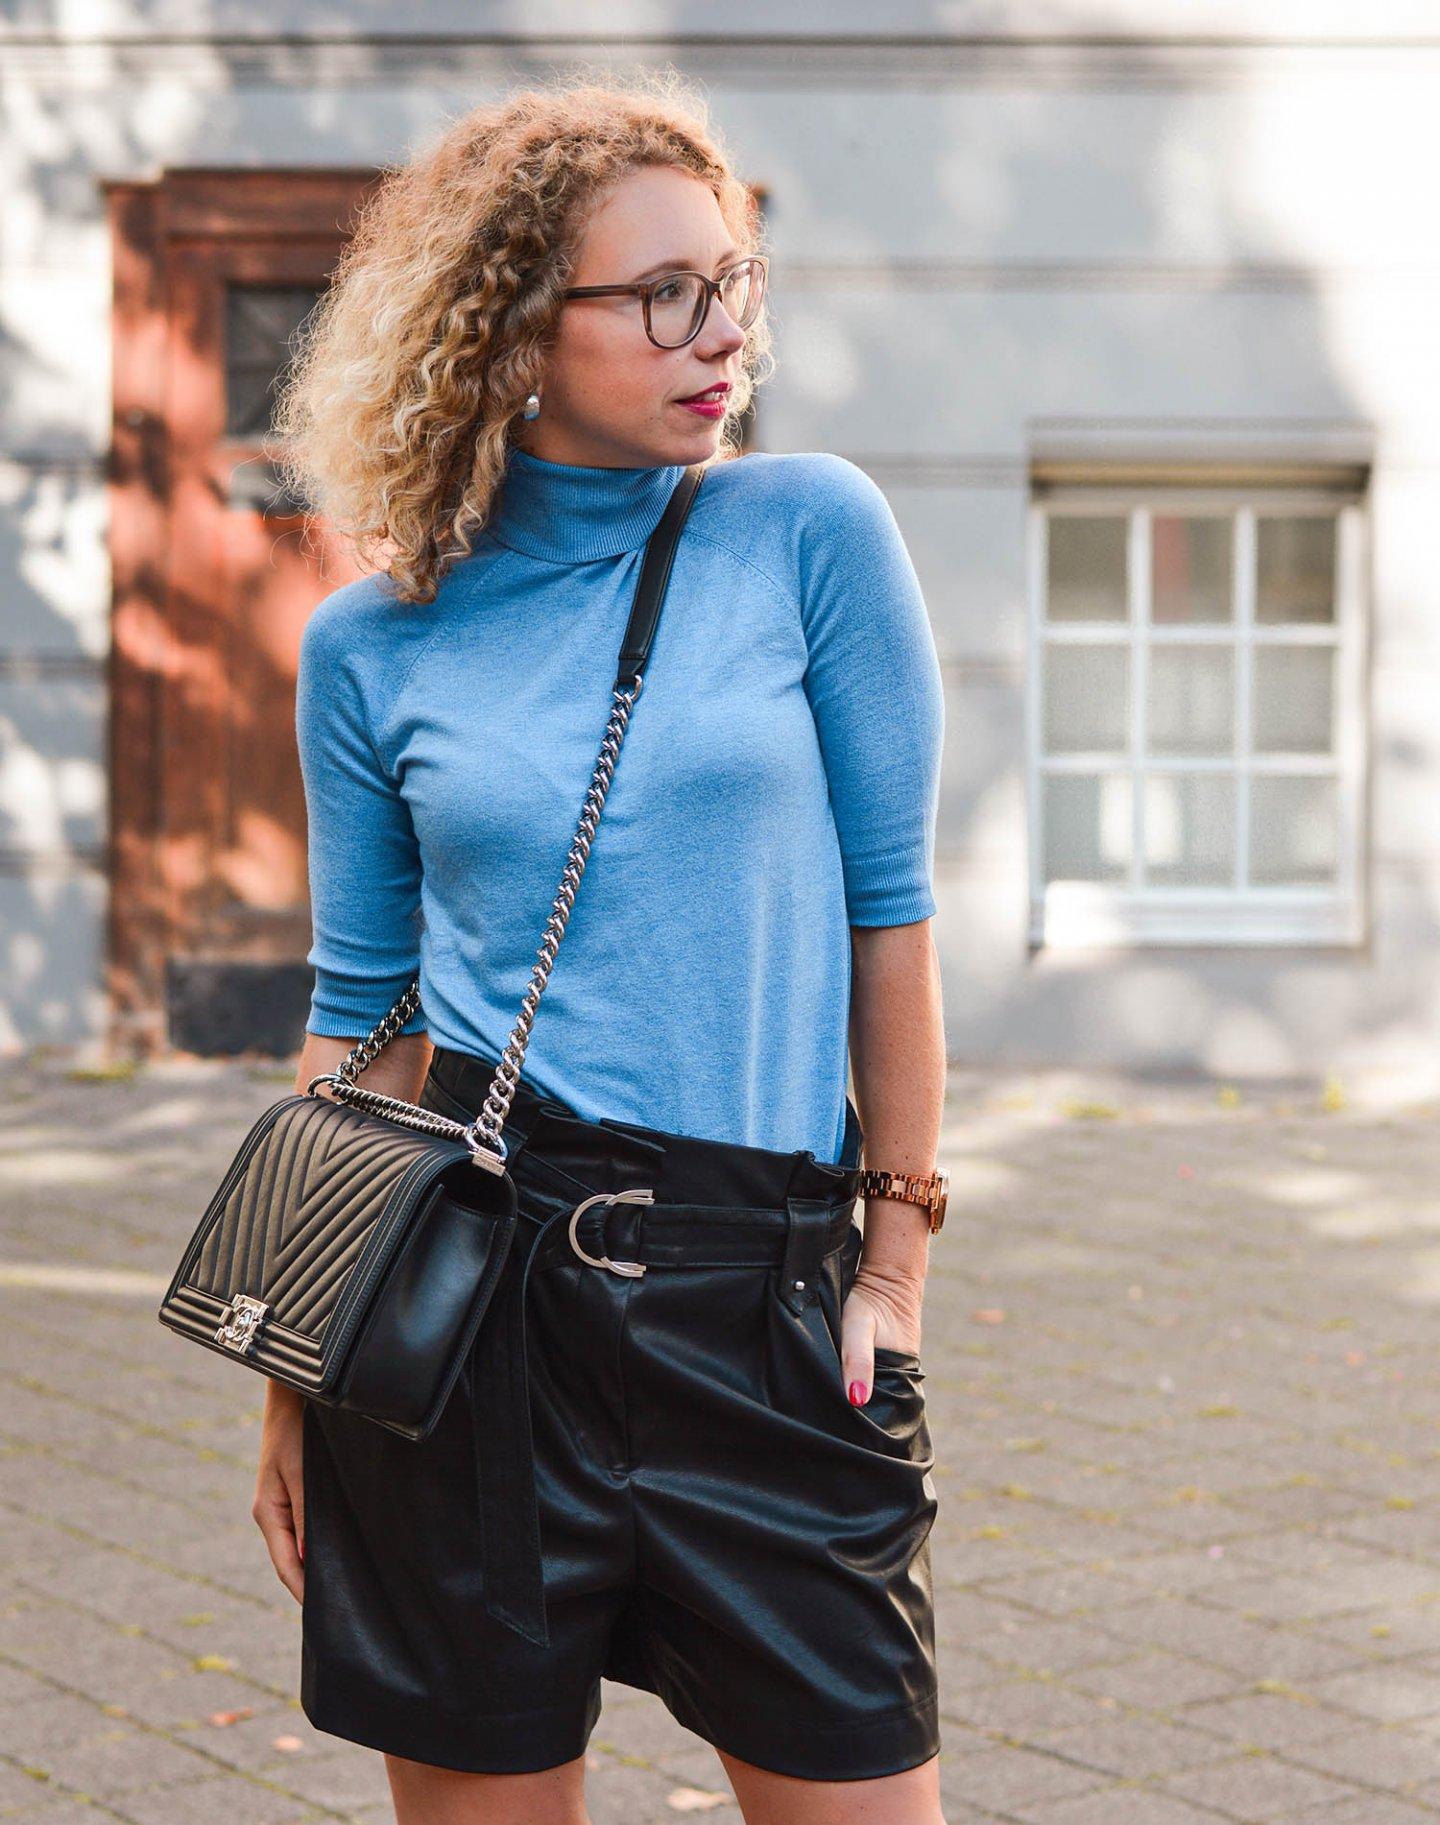 Rollkragenpullover, Kunstledershorts und Chanel Boy Bag